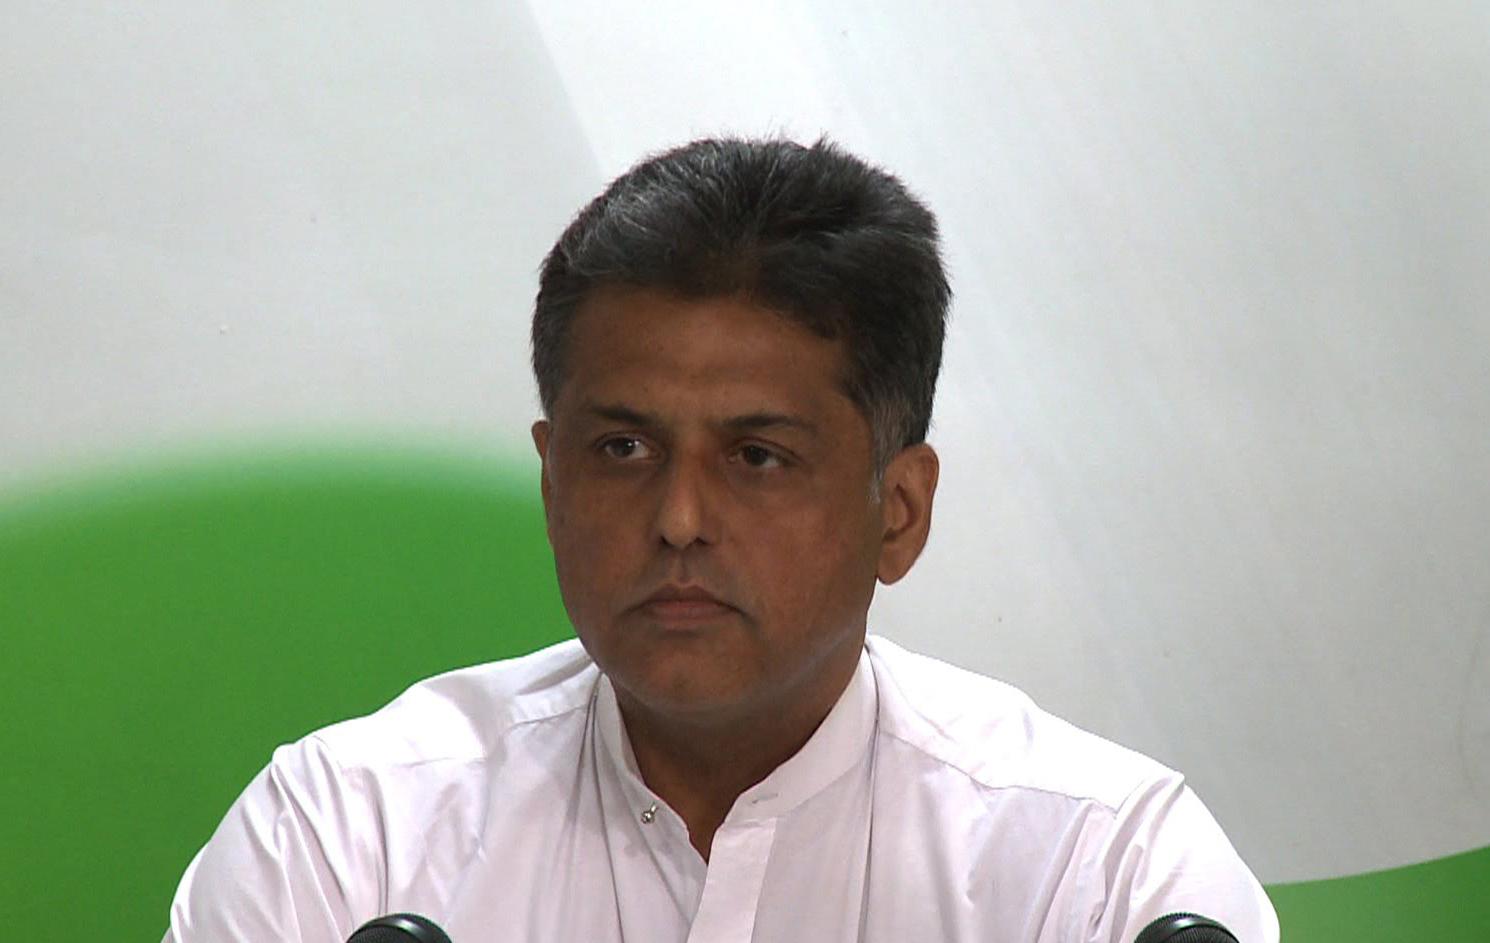 Manish tewari press briefing